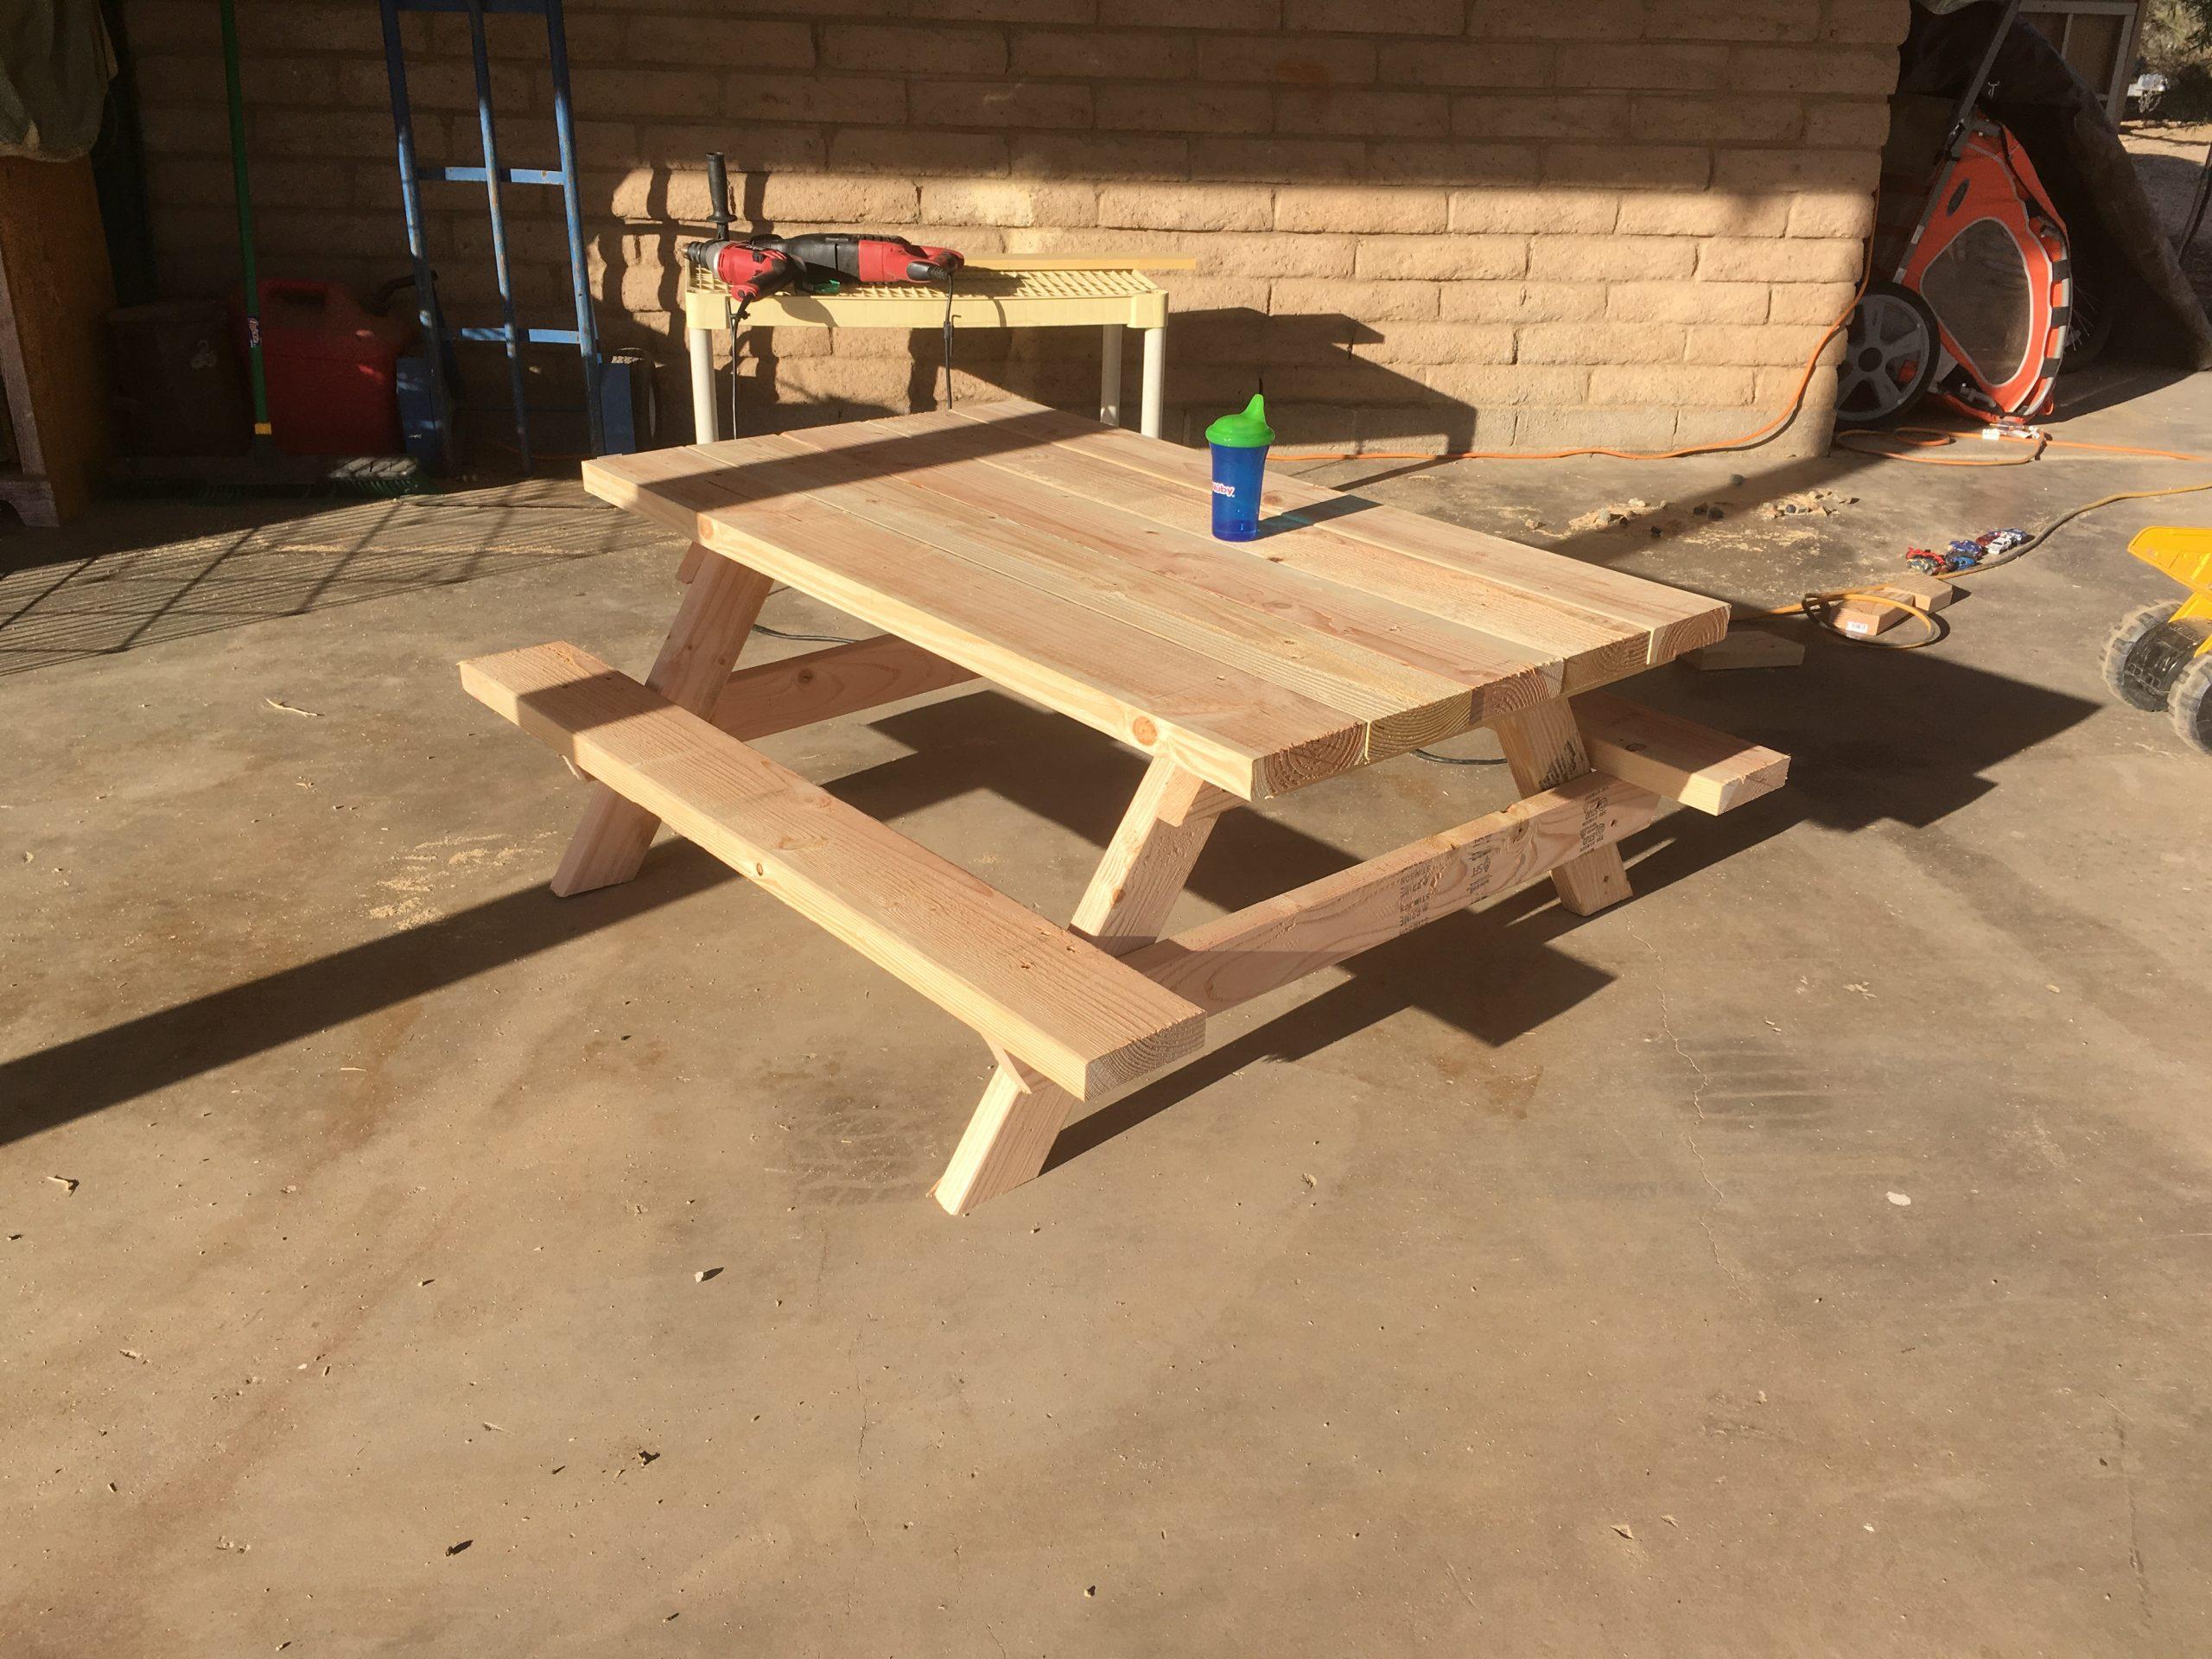 Children'S Picnic Table Plans - Pdf Download - Construct101 dedans Plan Table Picnic Pdf